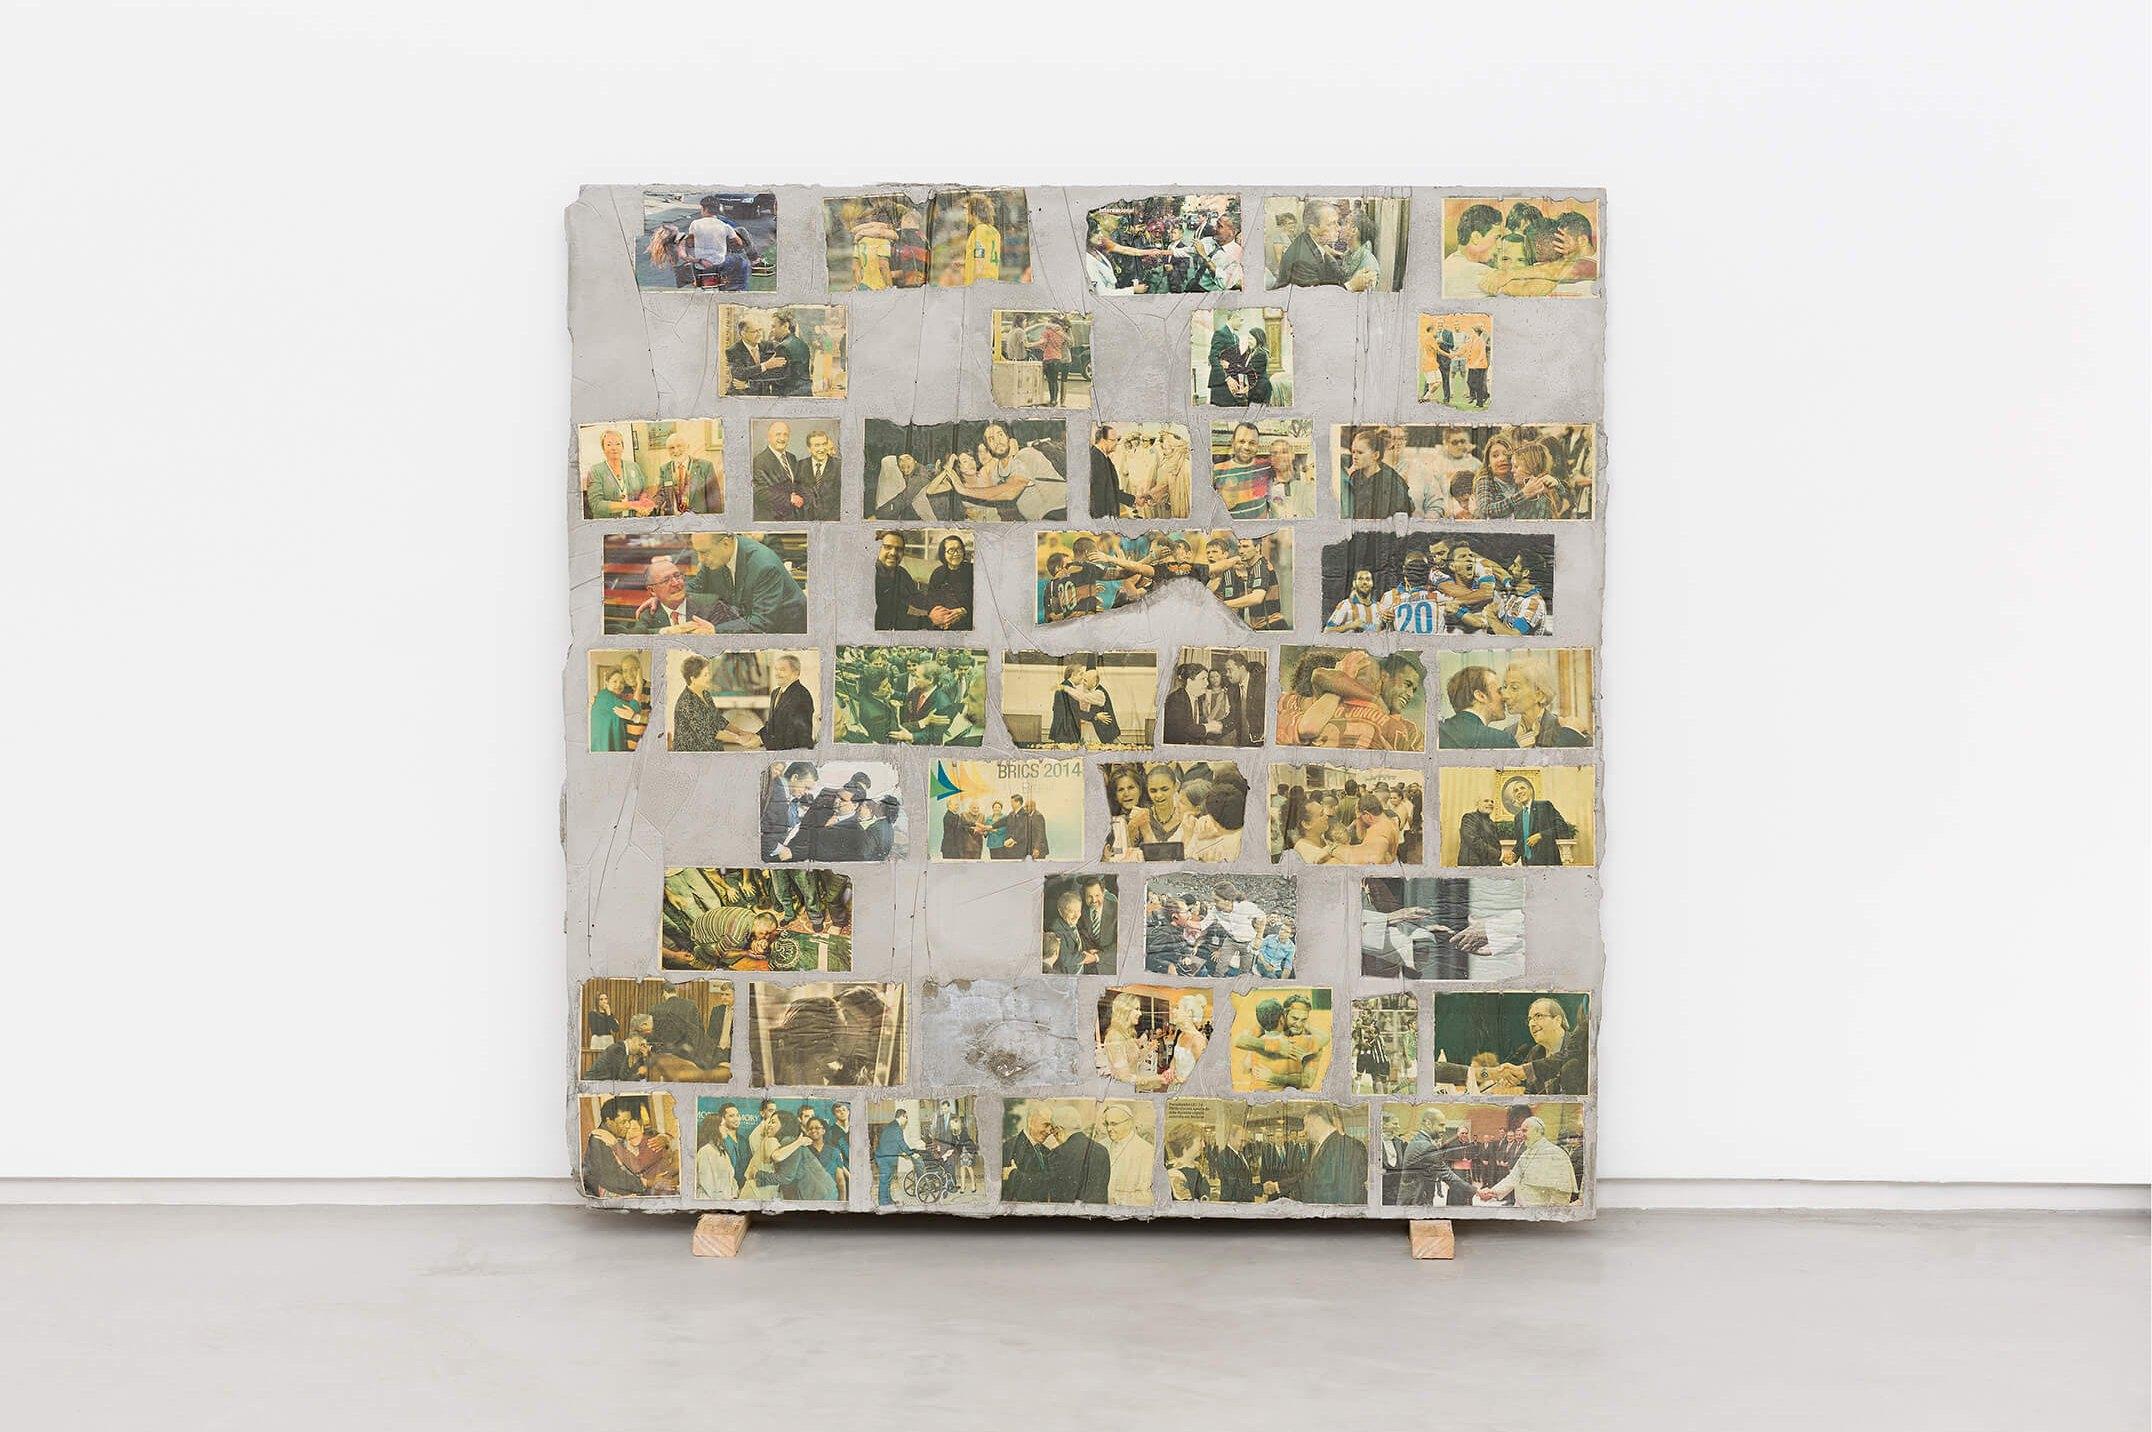 Matheus Rocha Pitta, <em>Décimo Sexto Acordo</em>, 2013, concrete and paper, 100 × 100 × 3 cm - Mendes Wood DM